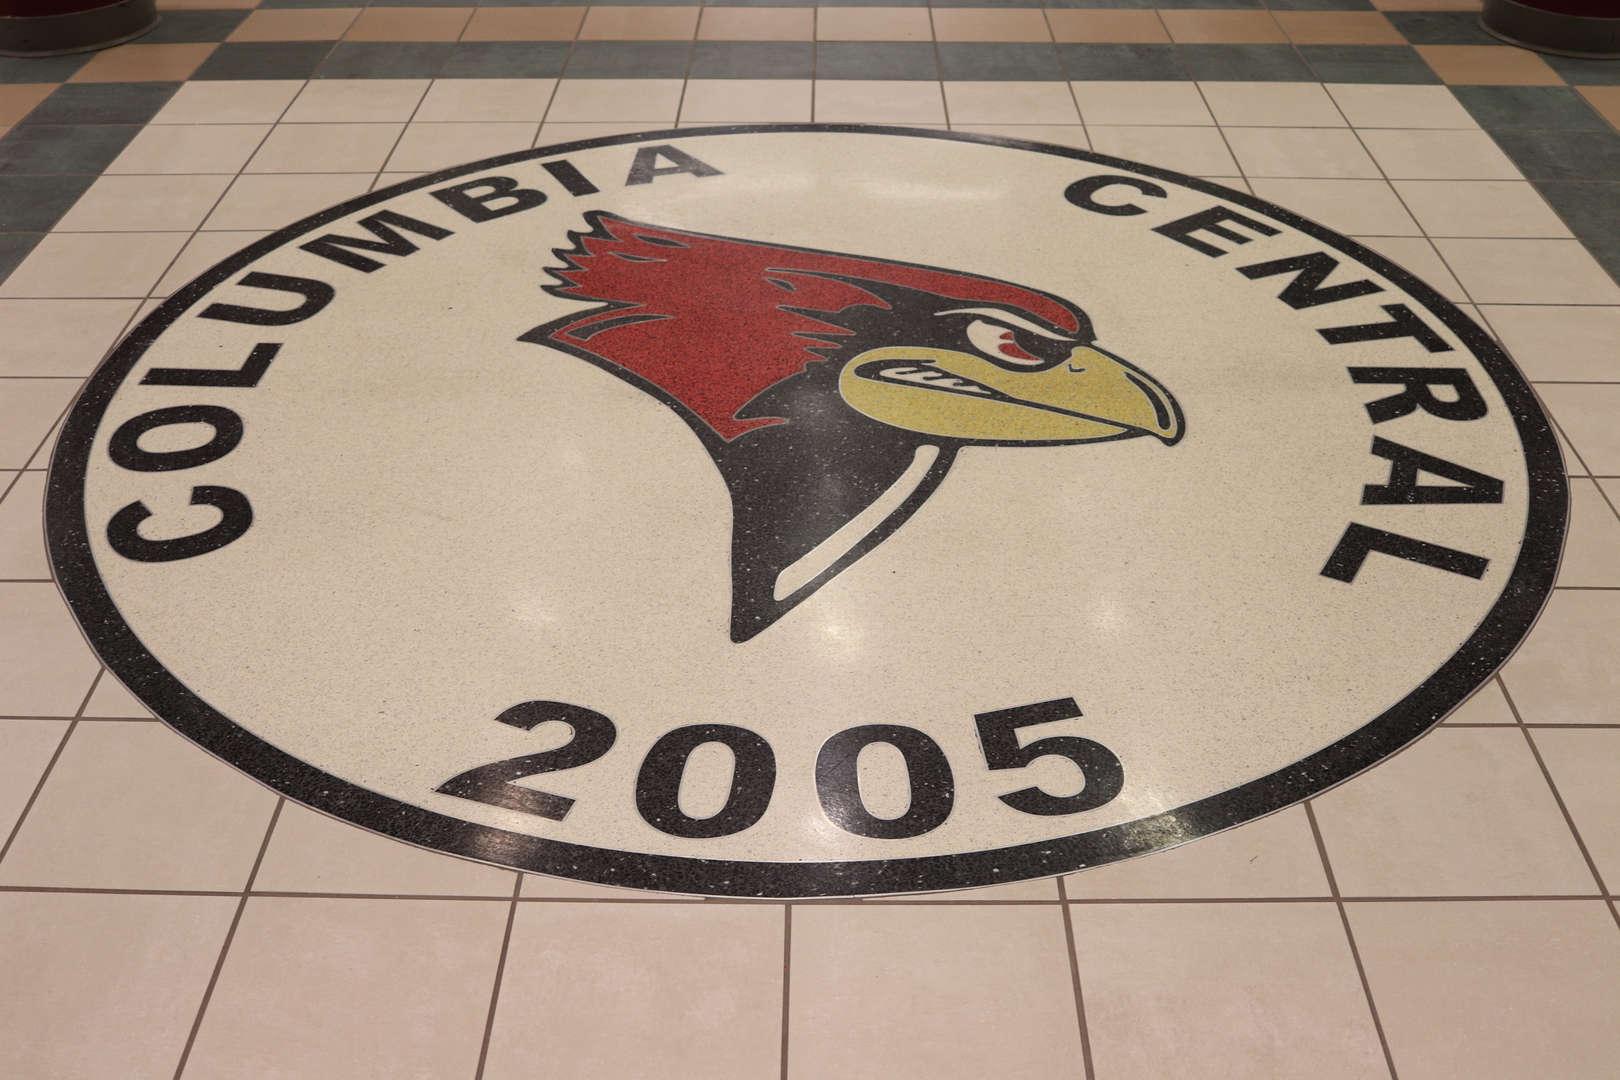 Columbia Central Cardinal